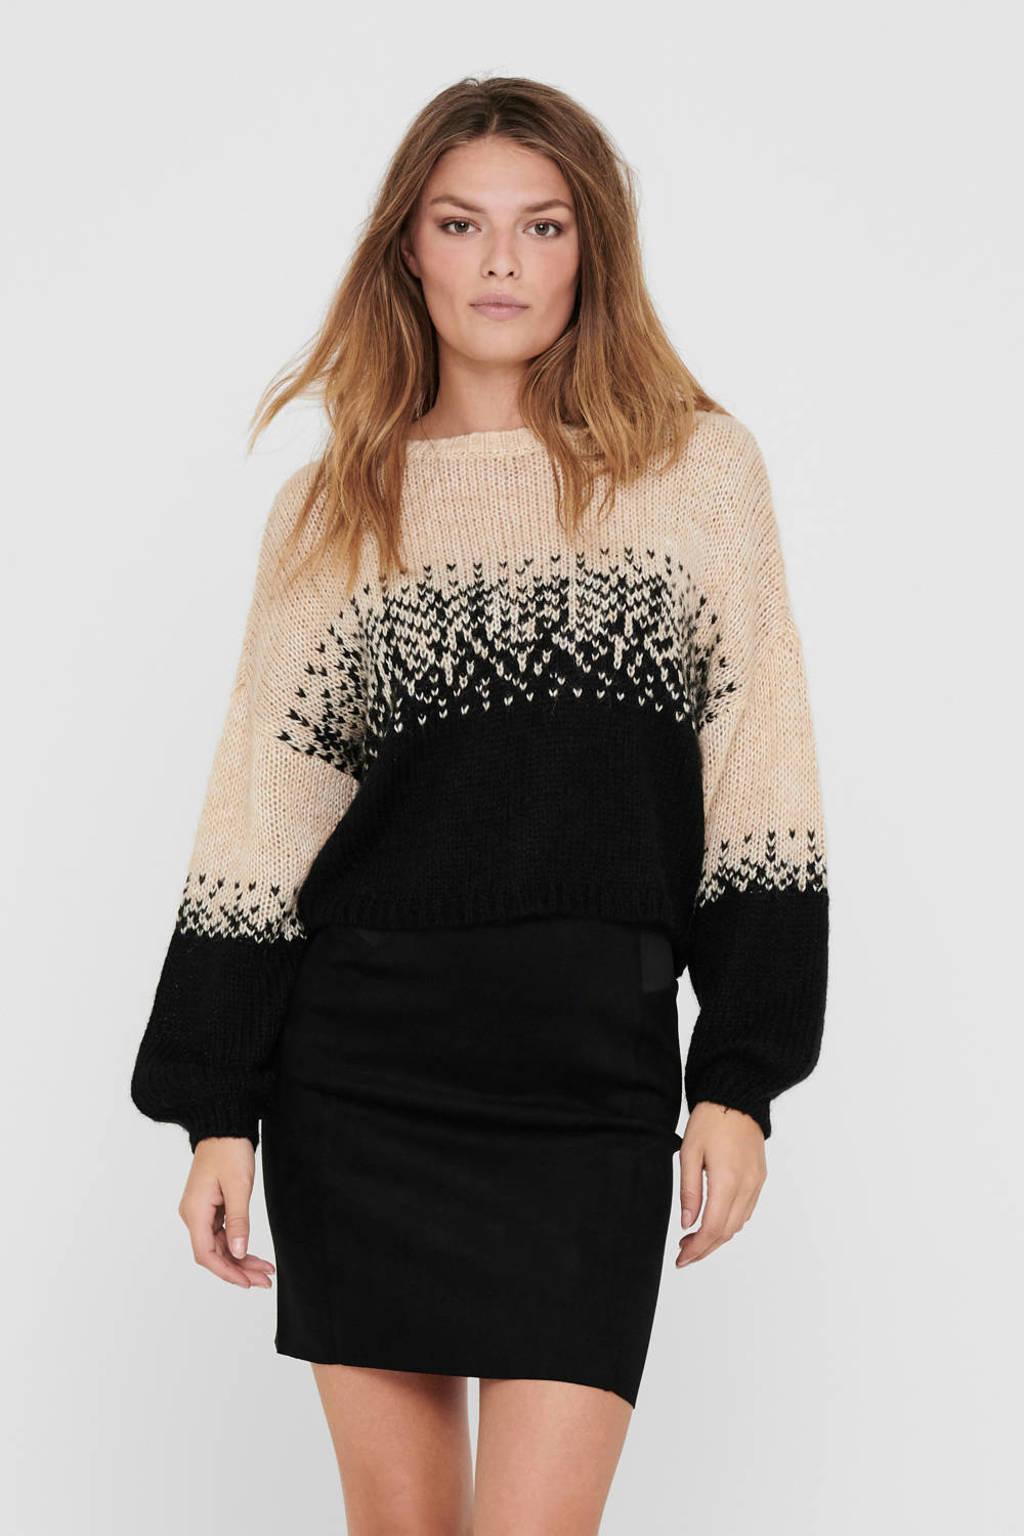 ONLY gebreide trui Kuna beige/zwart, Beige/zwart